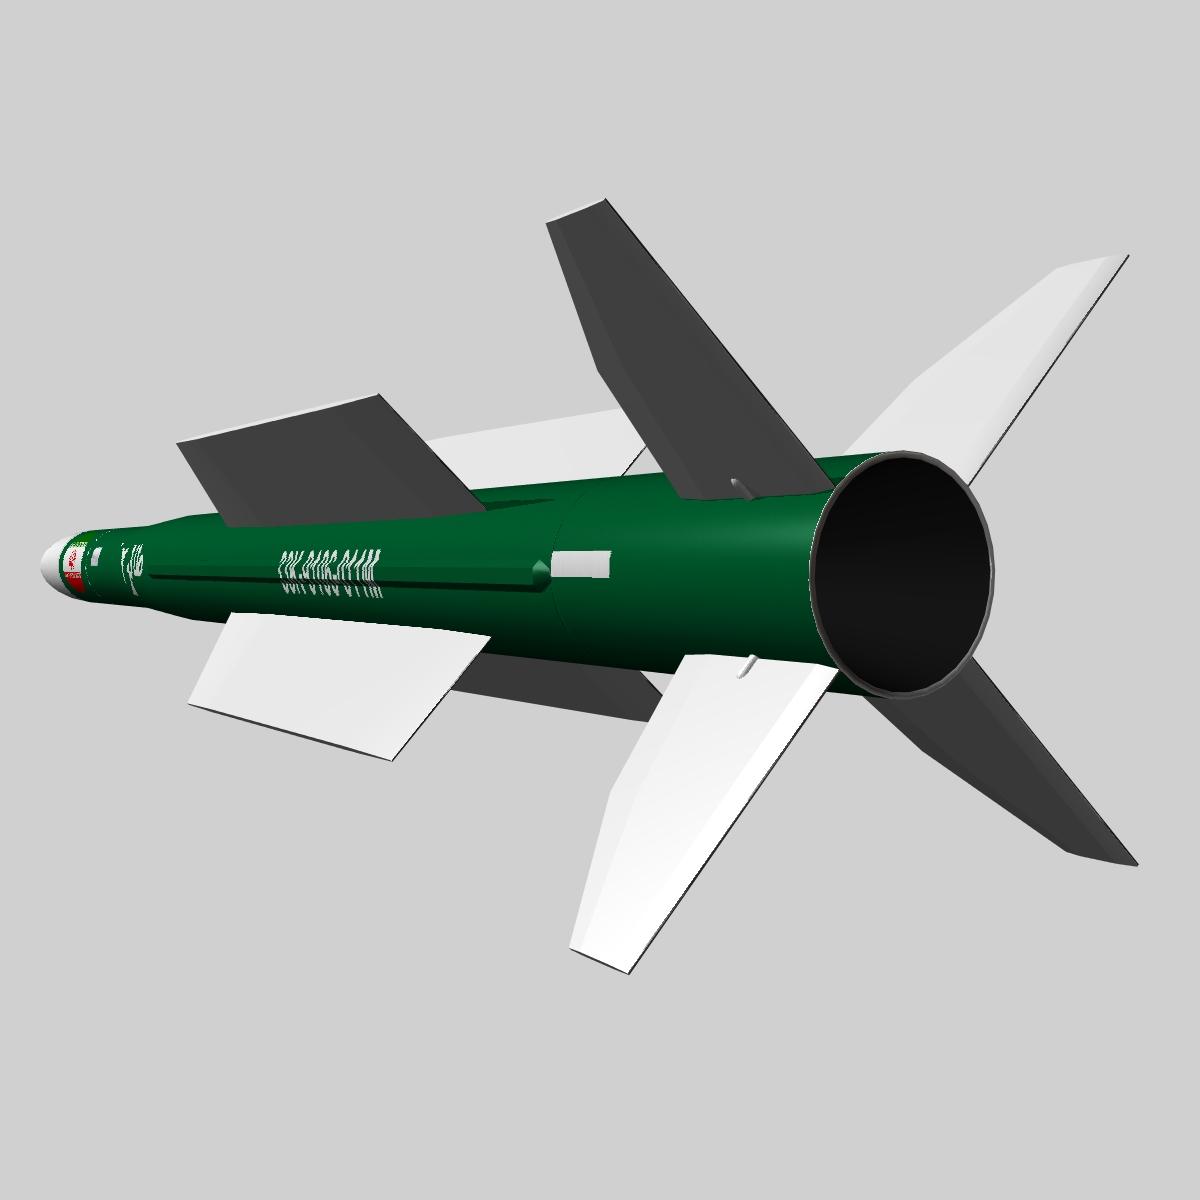 iranian taer-2 missile 3d model 3ds dxf x cod scn obj 149242